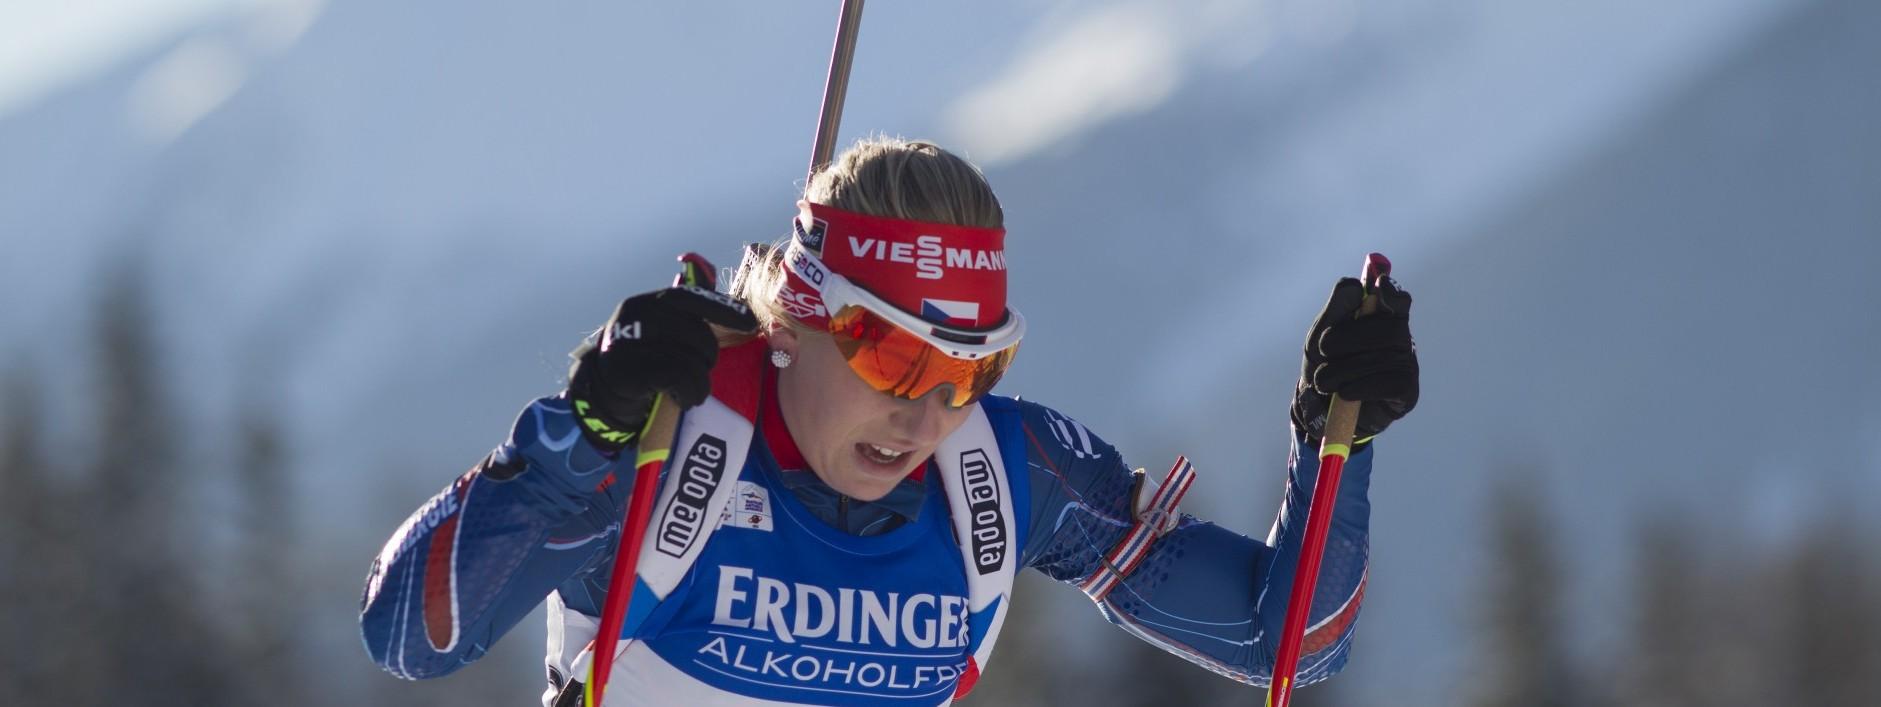 biathlon-online.de